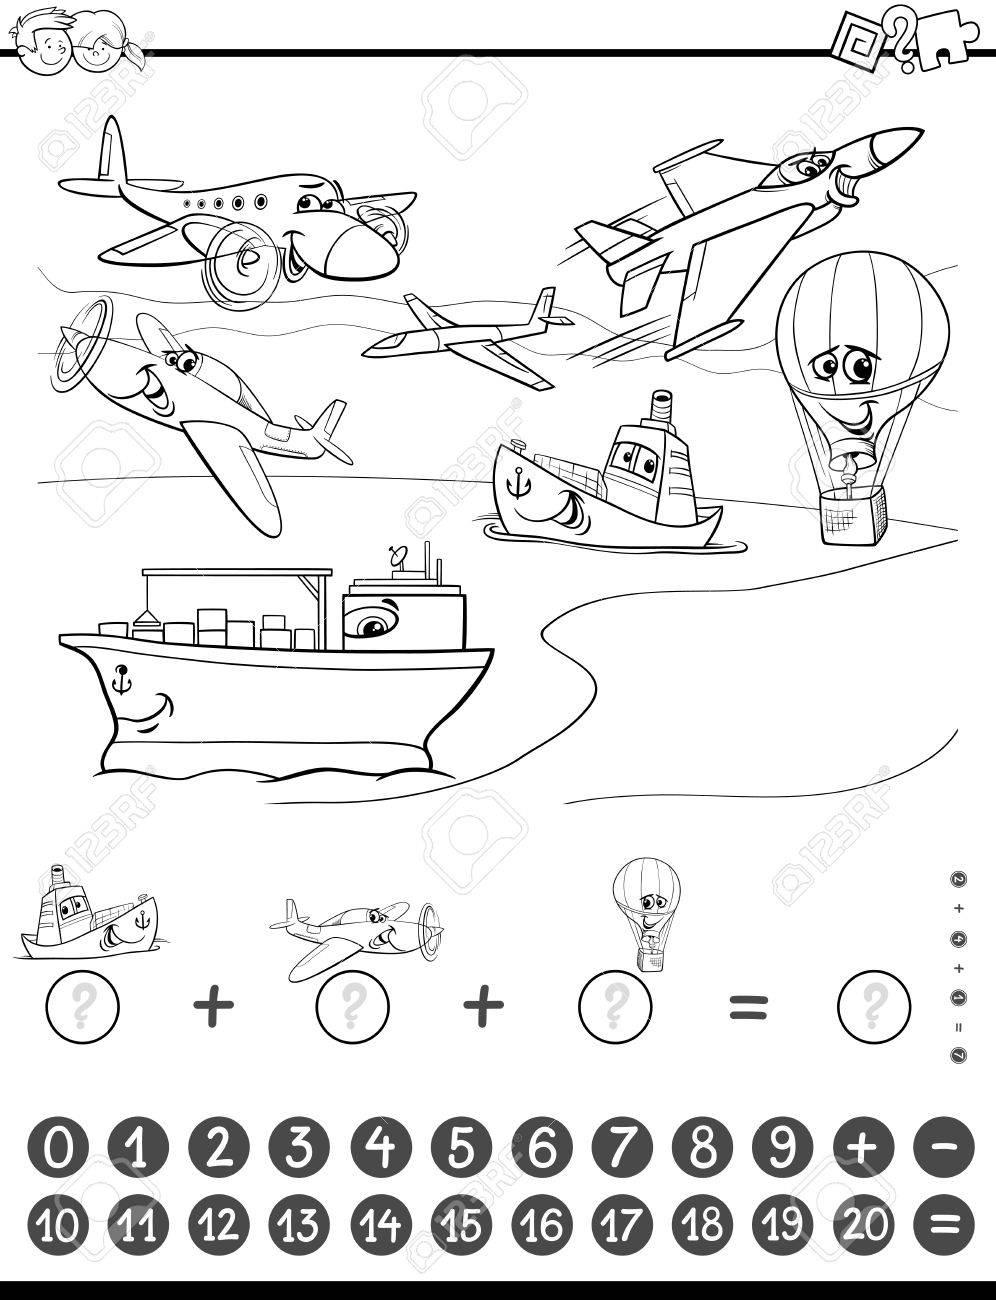 Ilustracion De Dibujos Animados En Blanco Y Negro De La Educacion